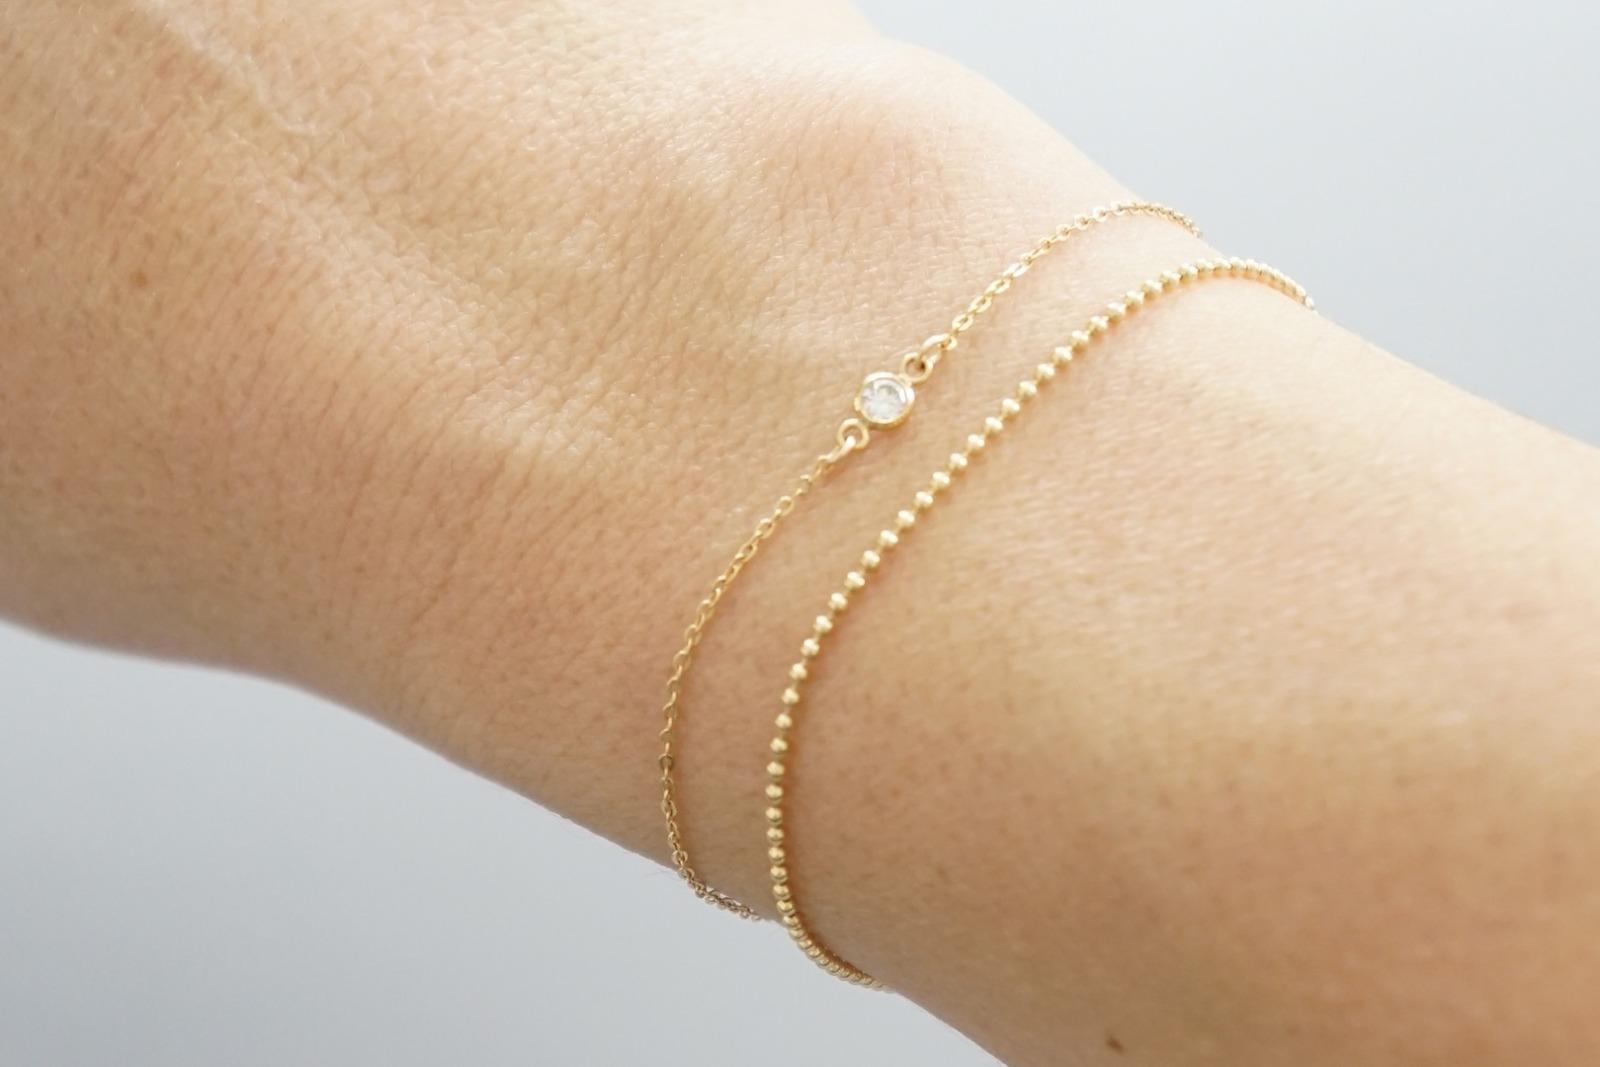 Feines Armband vergoldet mit Zirkonia Stein